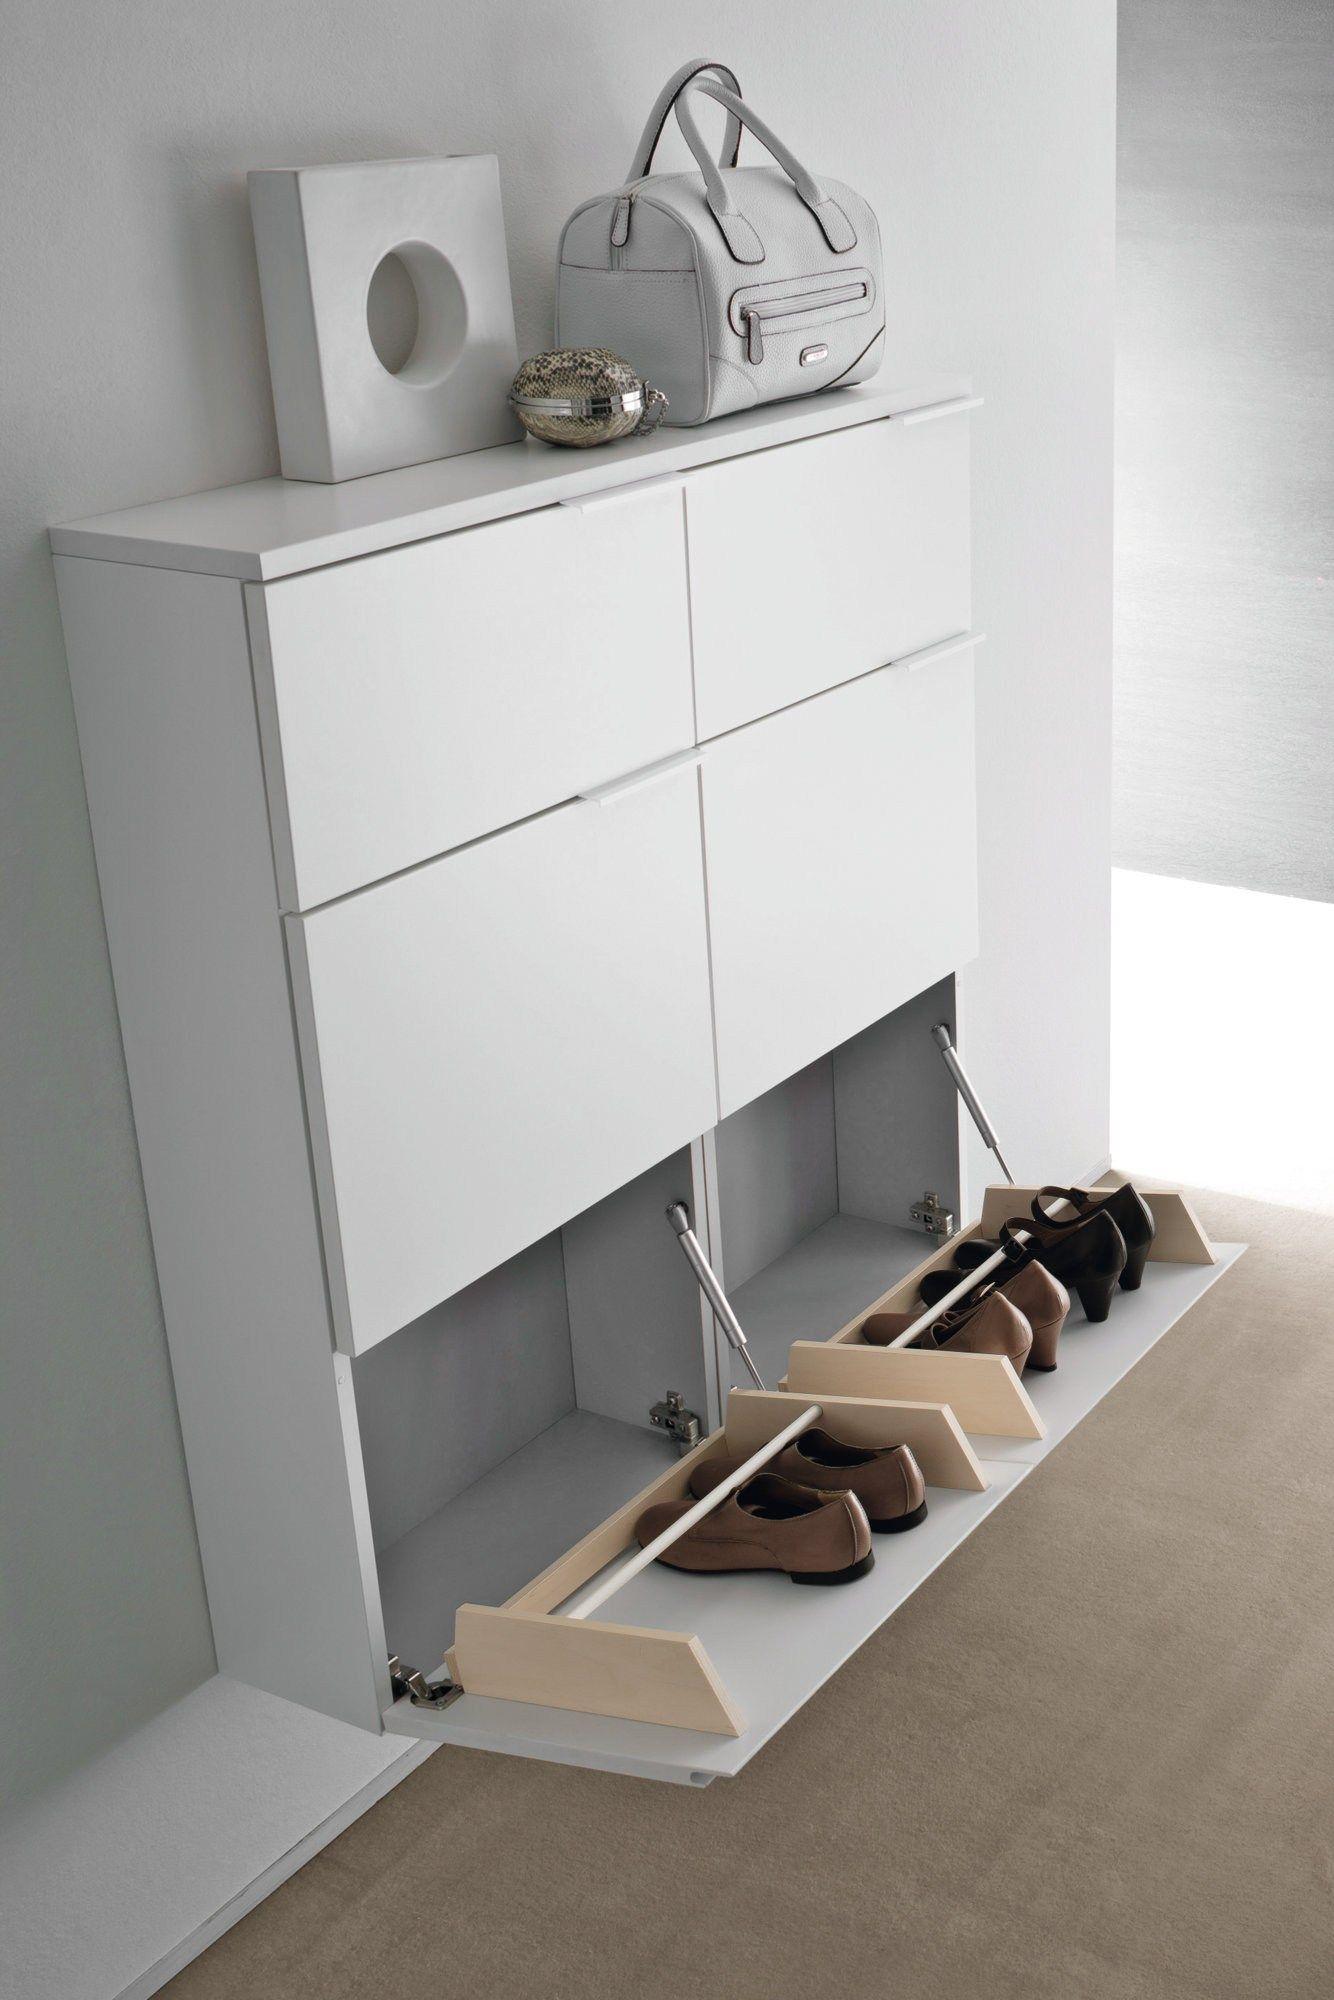 Objet déco ou rangement discret le meuble  chaussures permet de